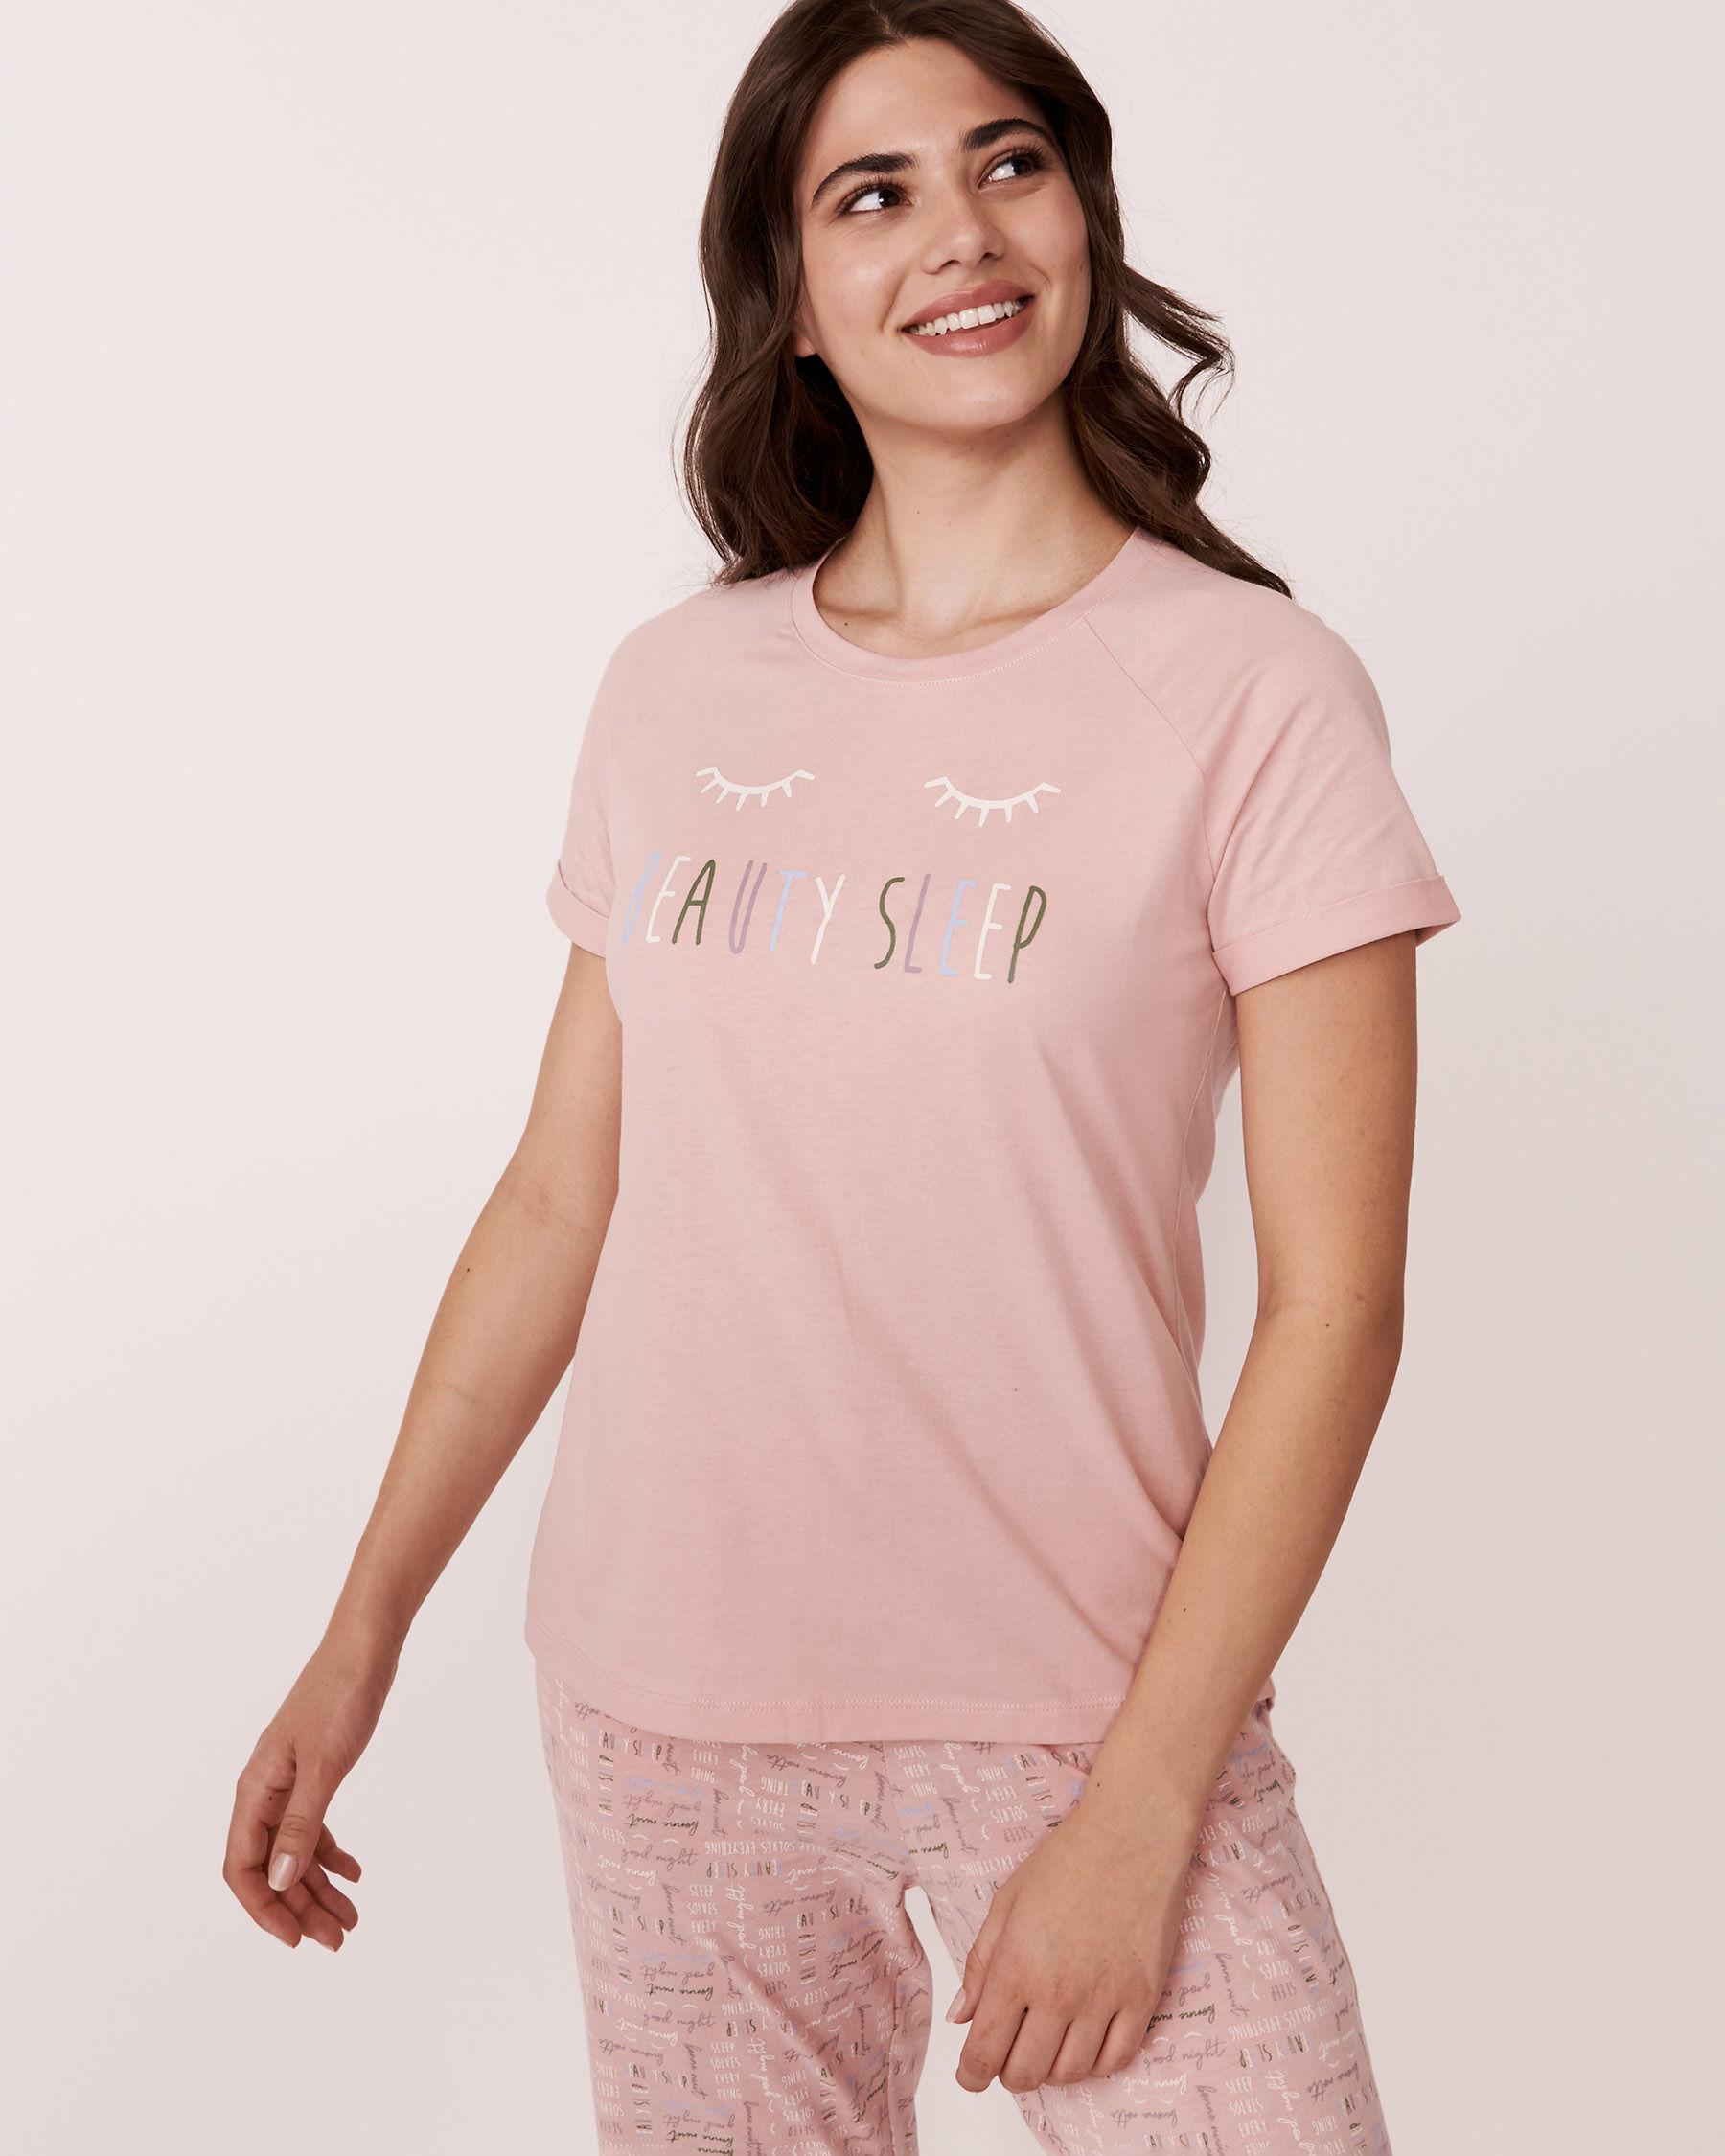 LA VIE EN ROSE Raglan Short Sleeves Shirt Pink 880-386-1-11 - View1